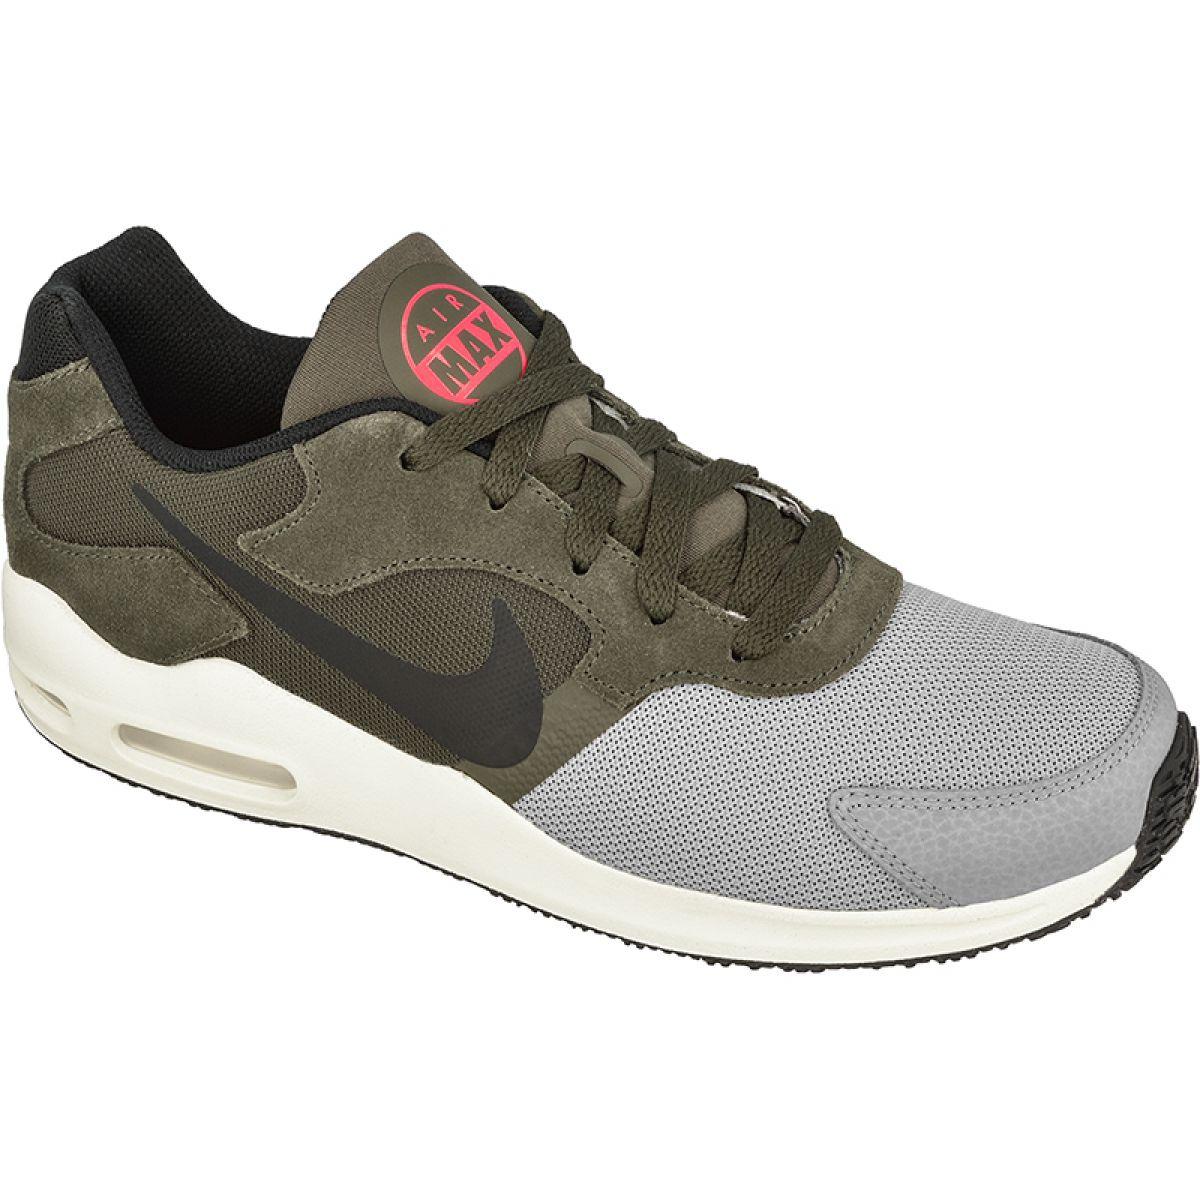 Herren NIKE AIR MAX GUILE Sneaker grau weiß | Kategorie